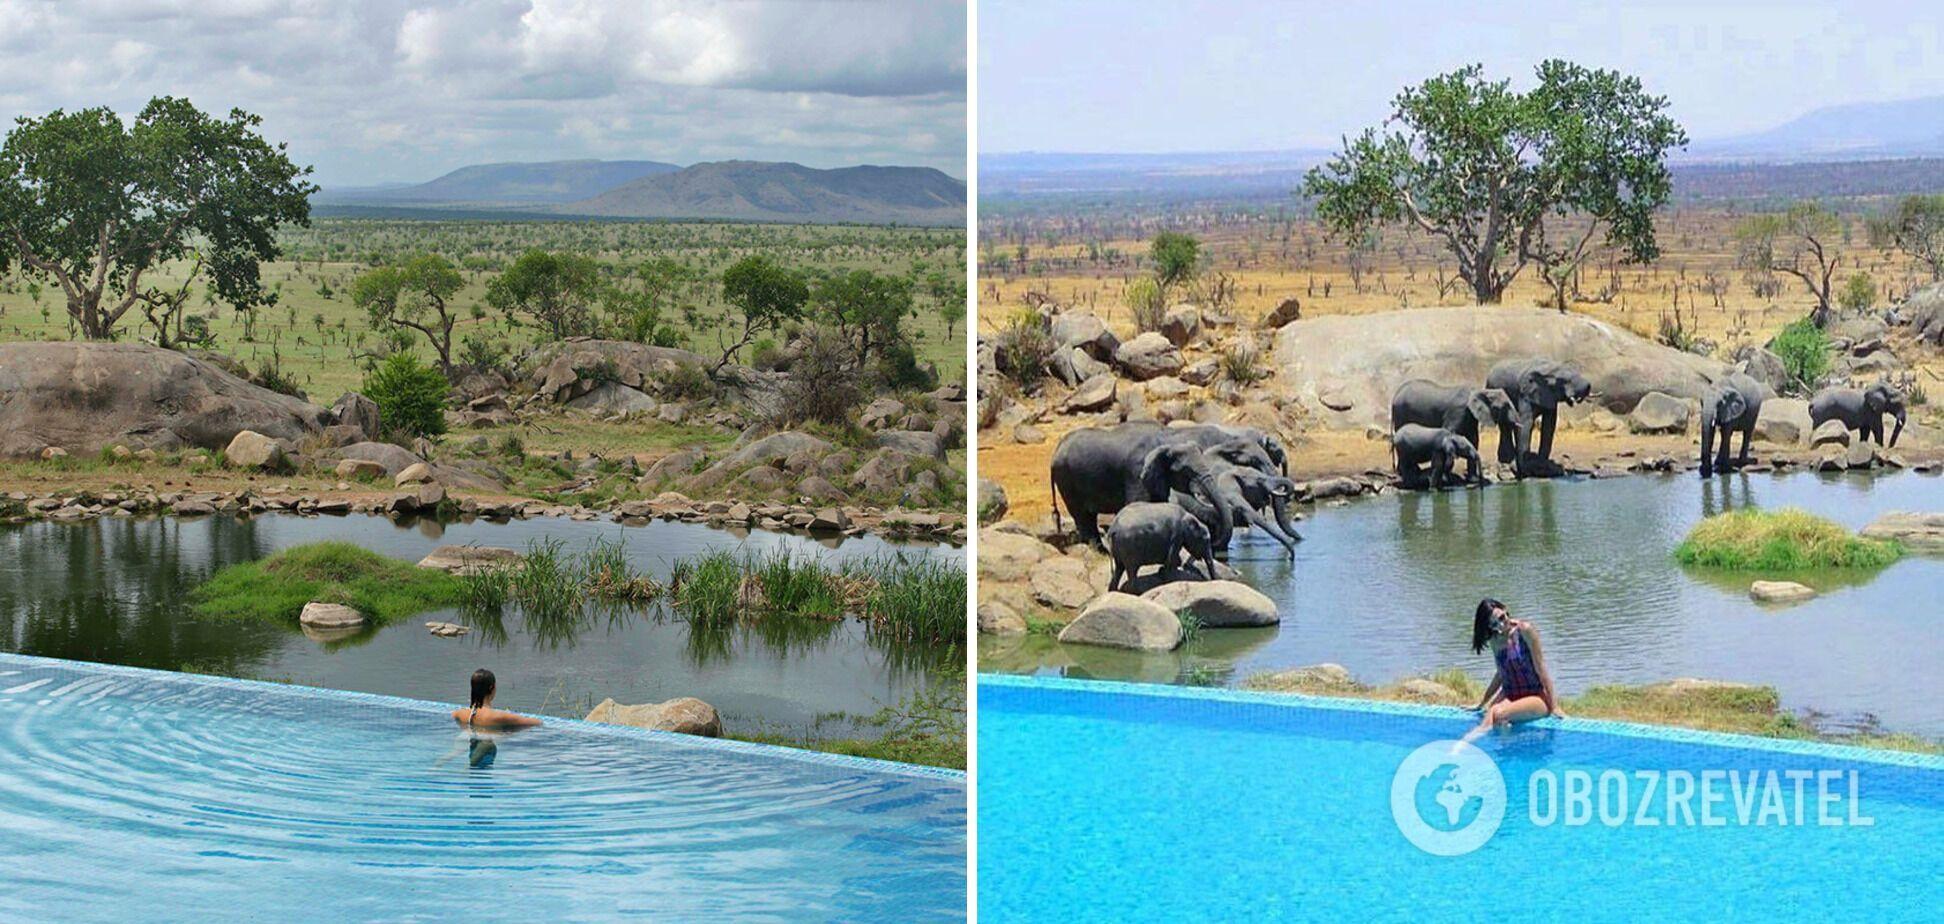 У Танзанії збудували особливе місце, де туристи можуть поплавати і насолодитись дикою природою.